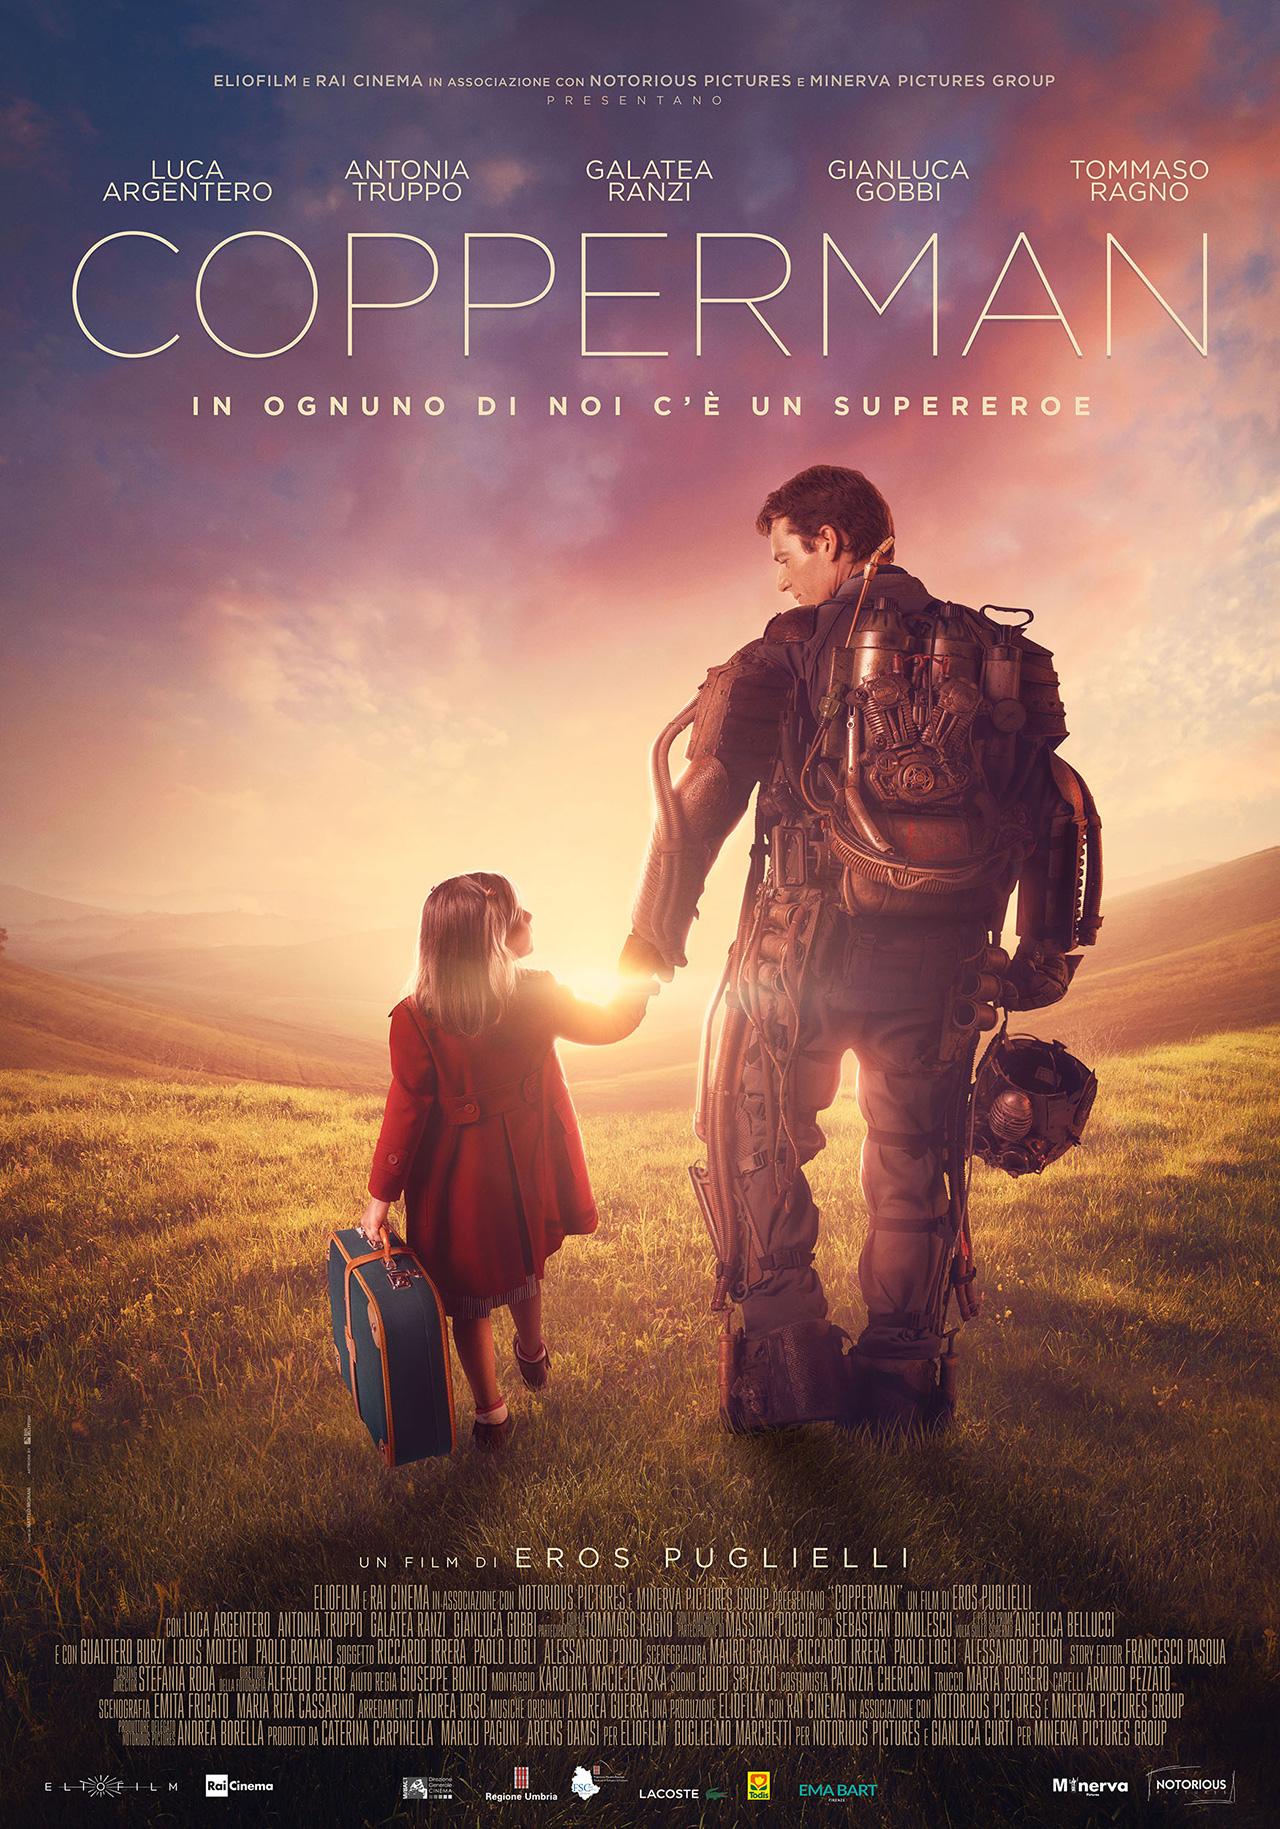 COPPERMAN giovedì 14 e venerdì 15: ore 21,15 sabato 16 e domenica 17: ore 18,30 – 21,15 #Copperman